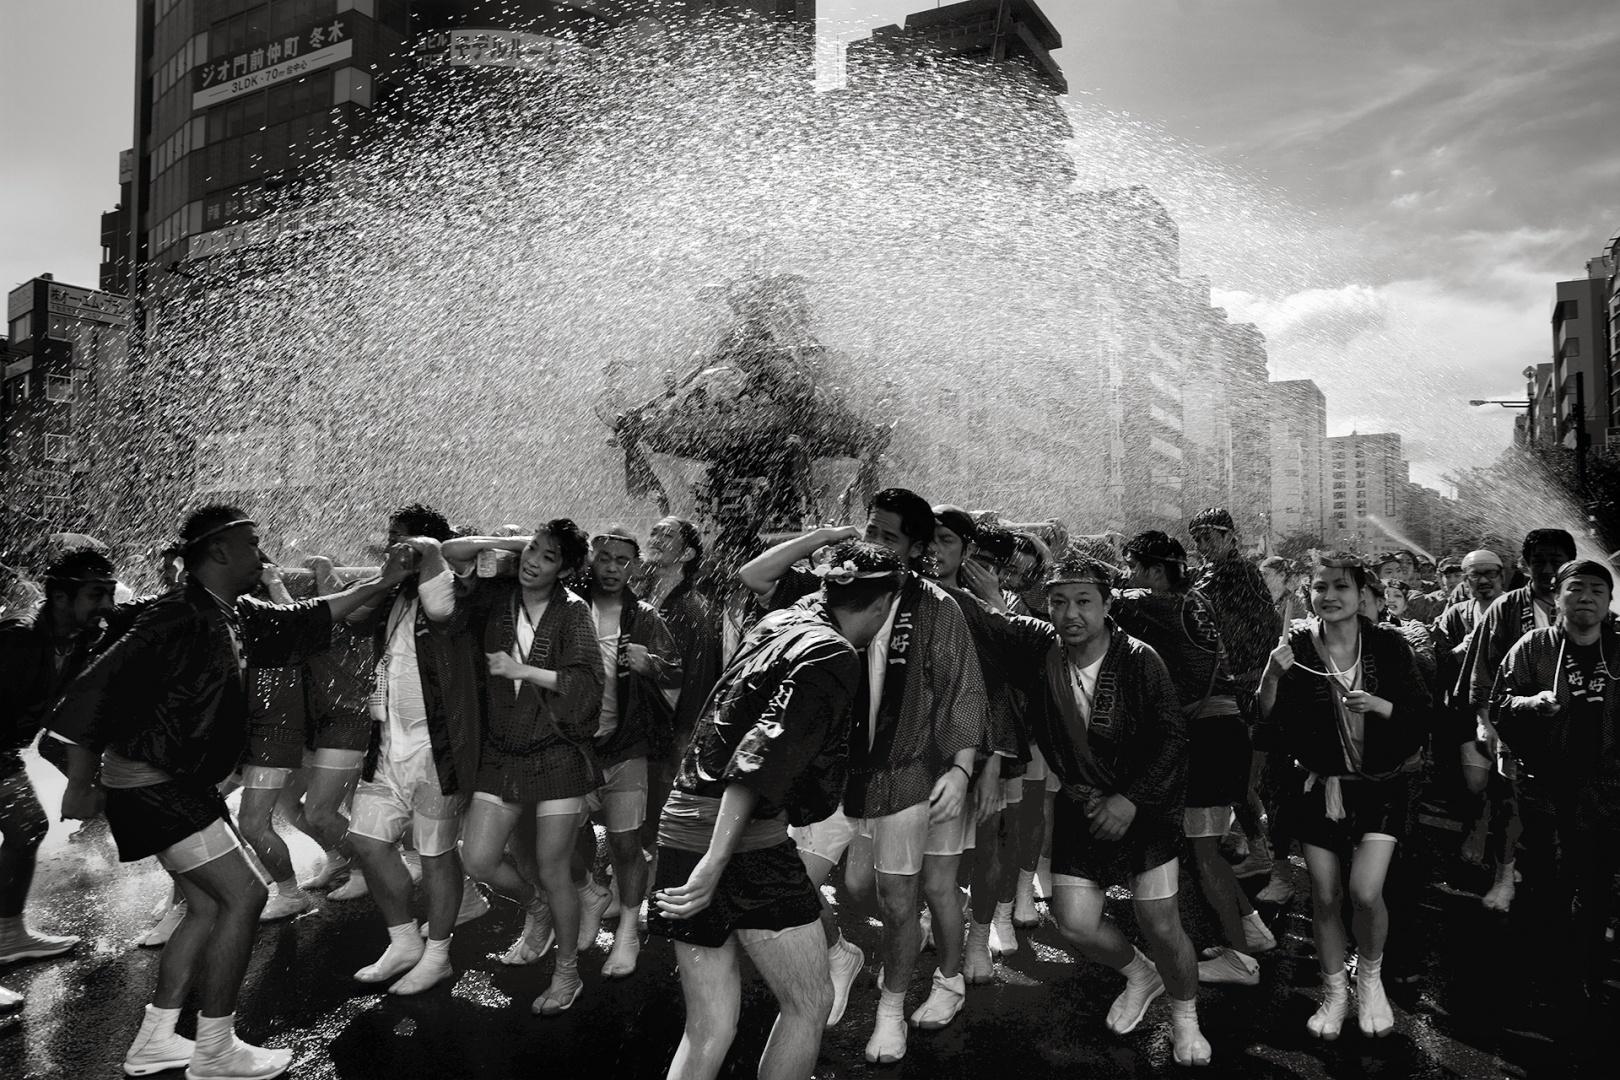 Fotojornalismo/Festa da água em Tóquio